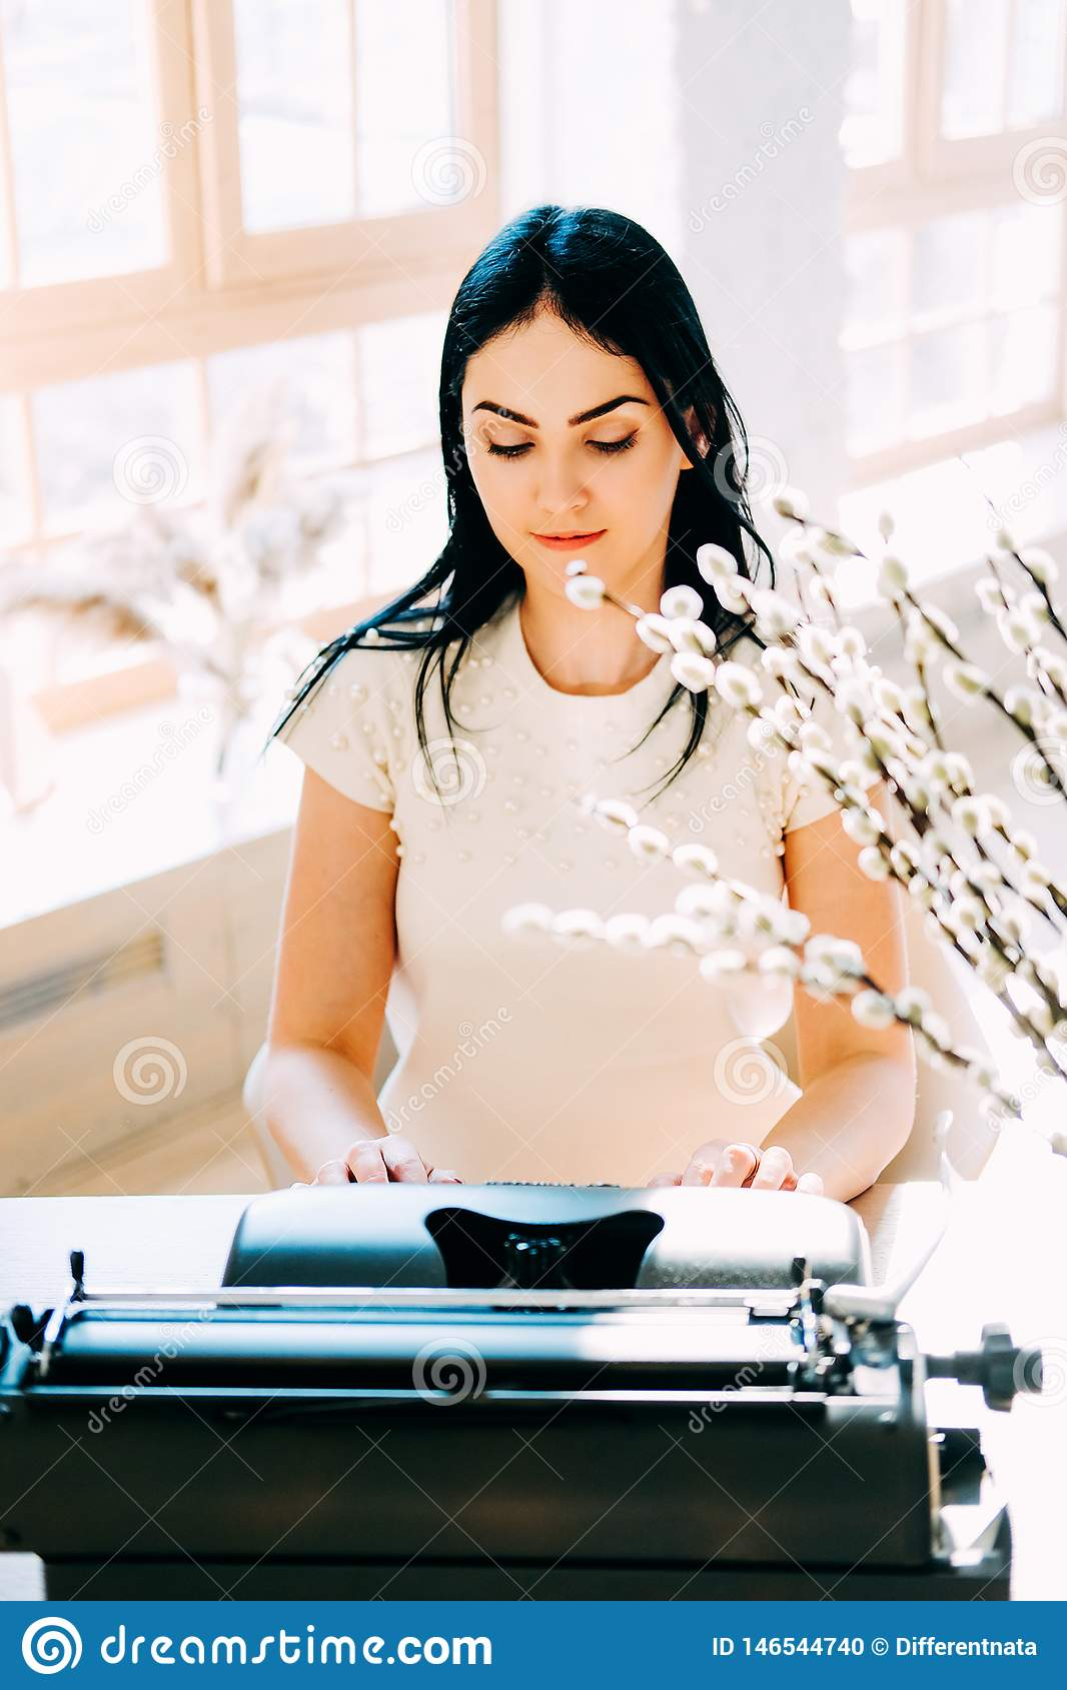 Επαγγελματικό επάγγελμα Γραμματέας στα άσπρα έγγραφα δακτυλογράφησης φορεμάτων